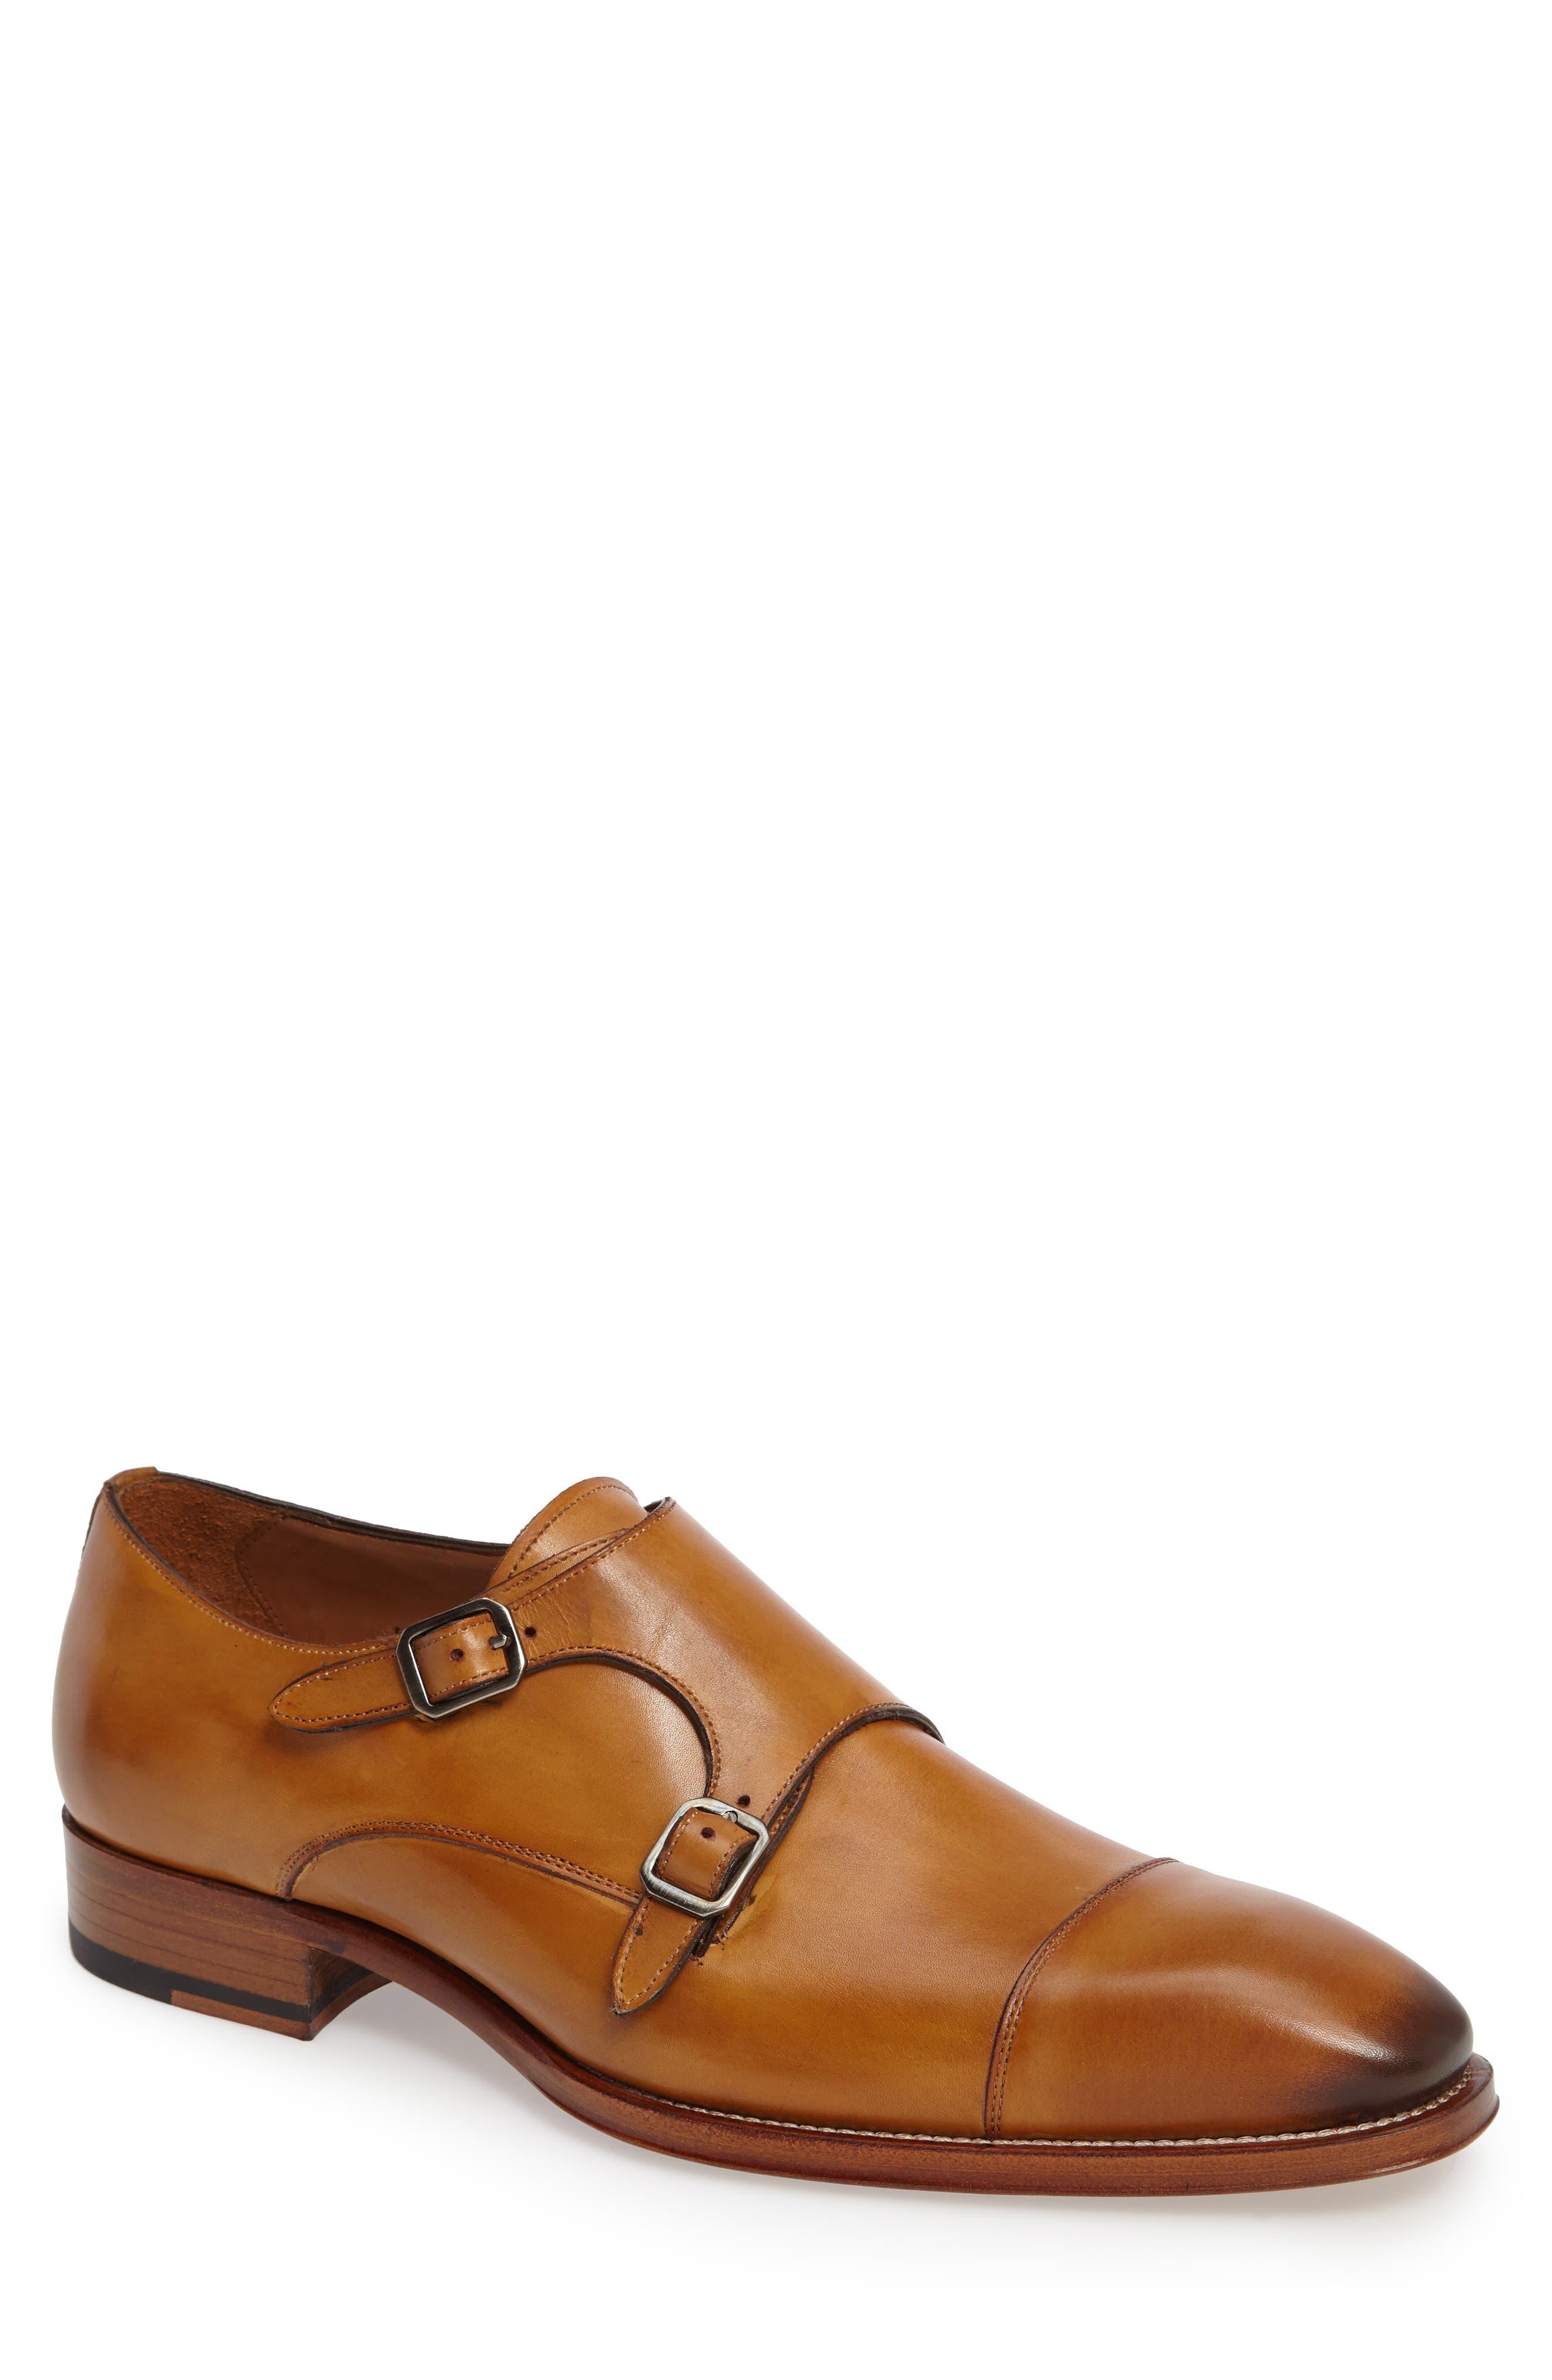 Cajal Double Monk Strap Cap Toe Shoe,                             Main thumbnail 4, color,